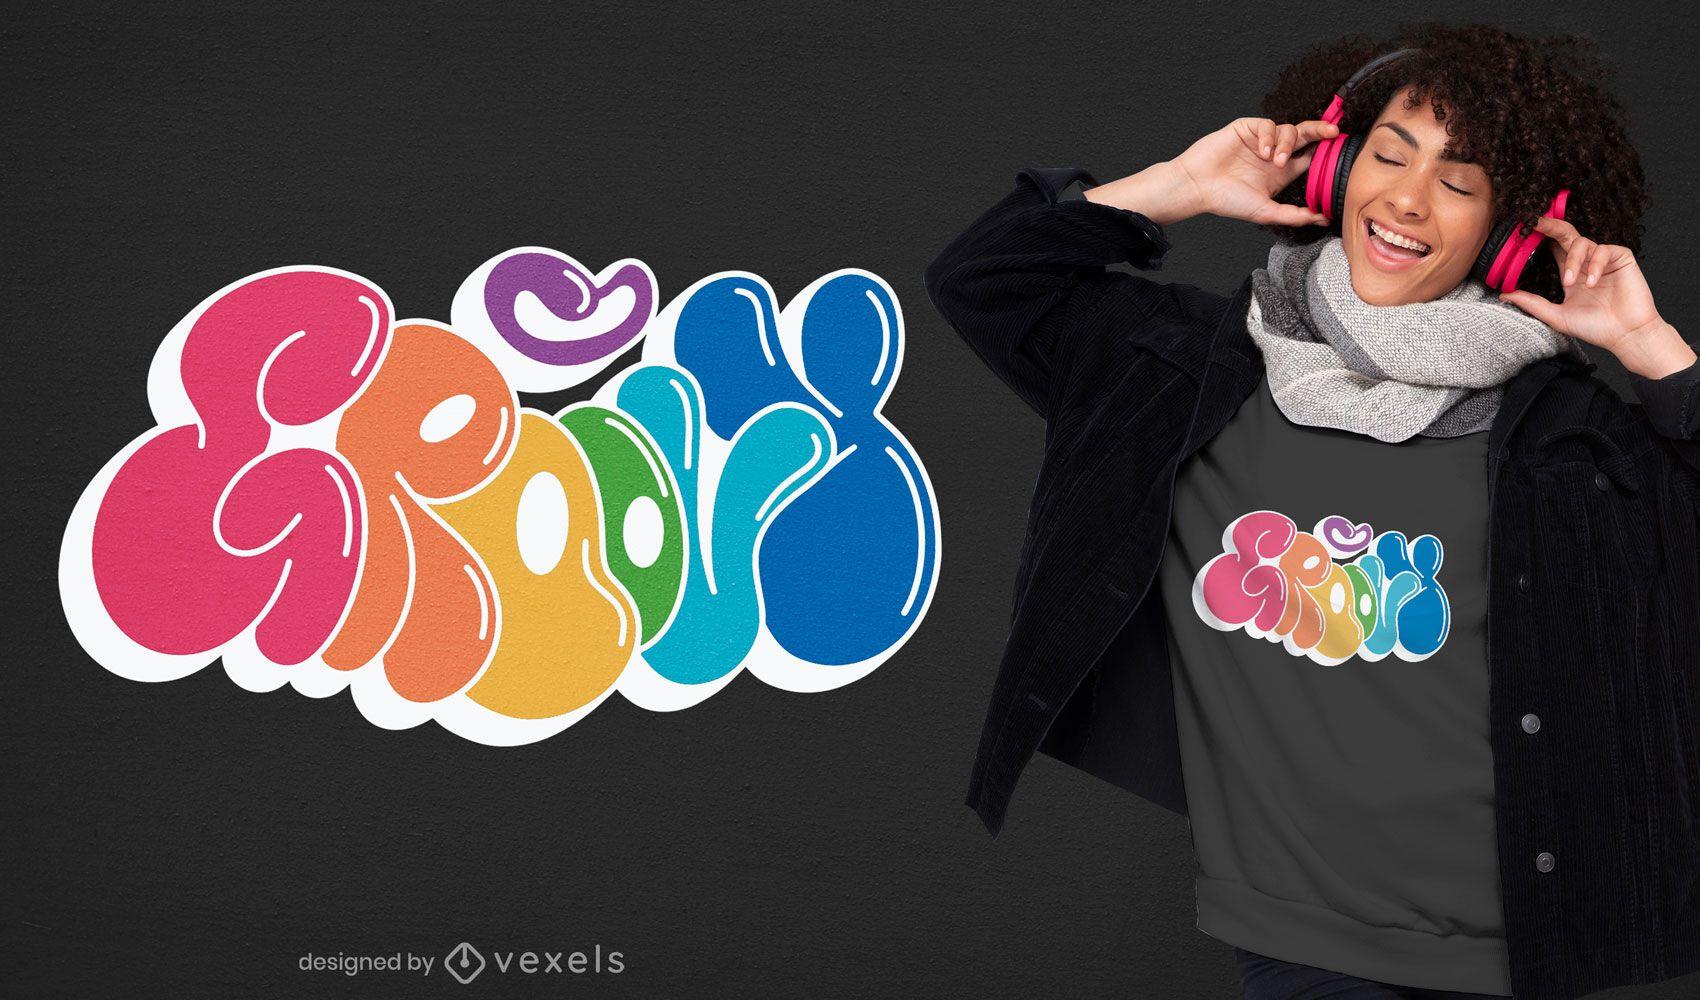 Groovy quote happy retro t-shirt design